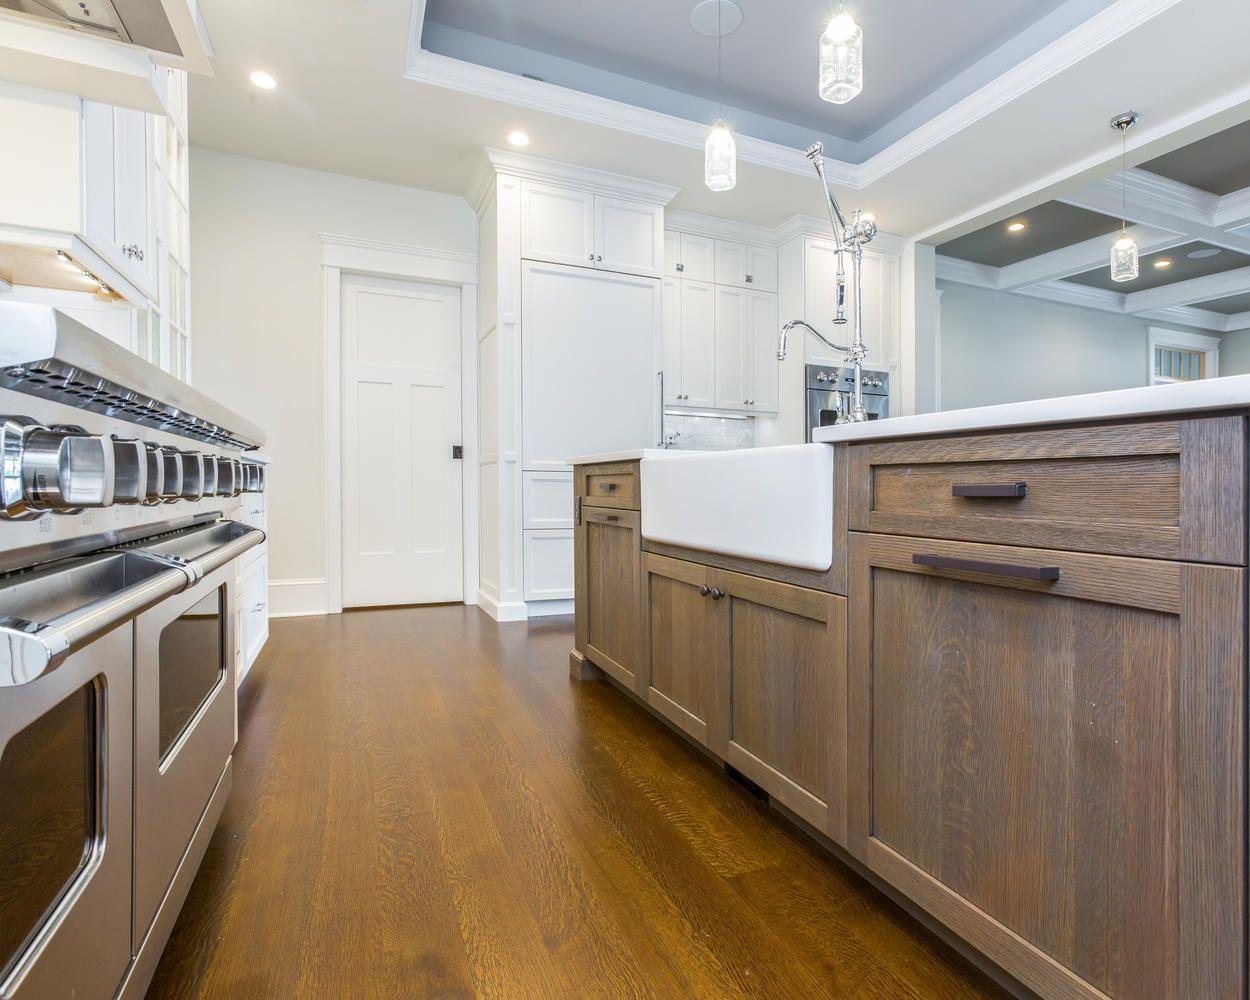 Coastal Dream Kitchen Brick New Jersey by Design Line